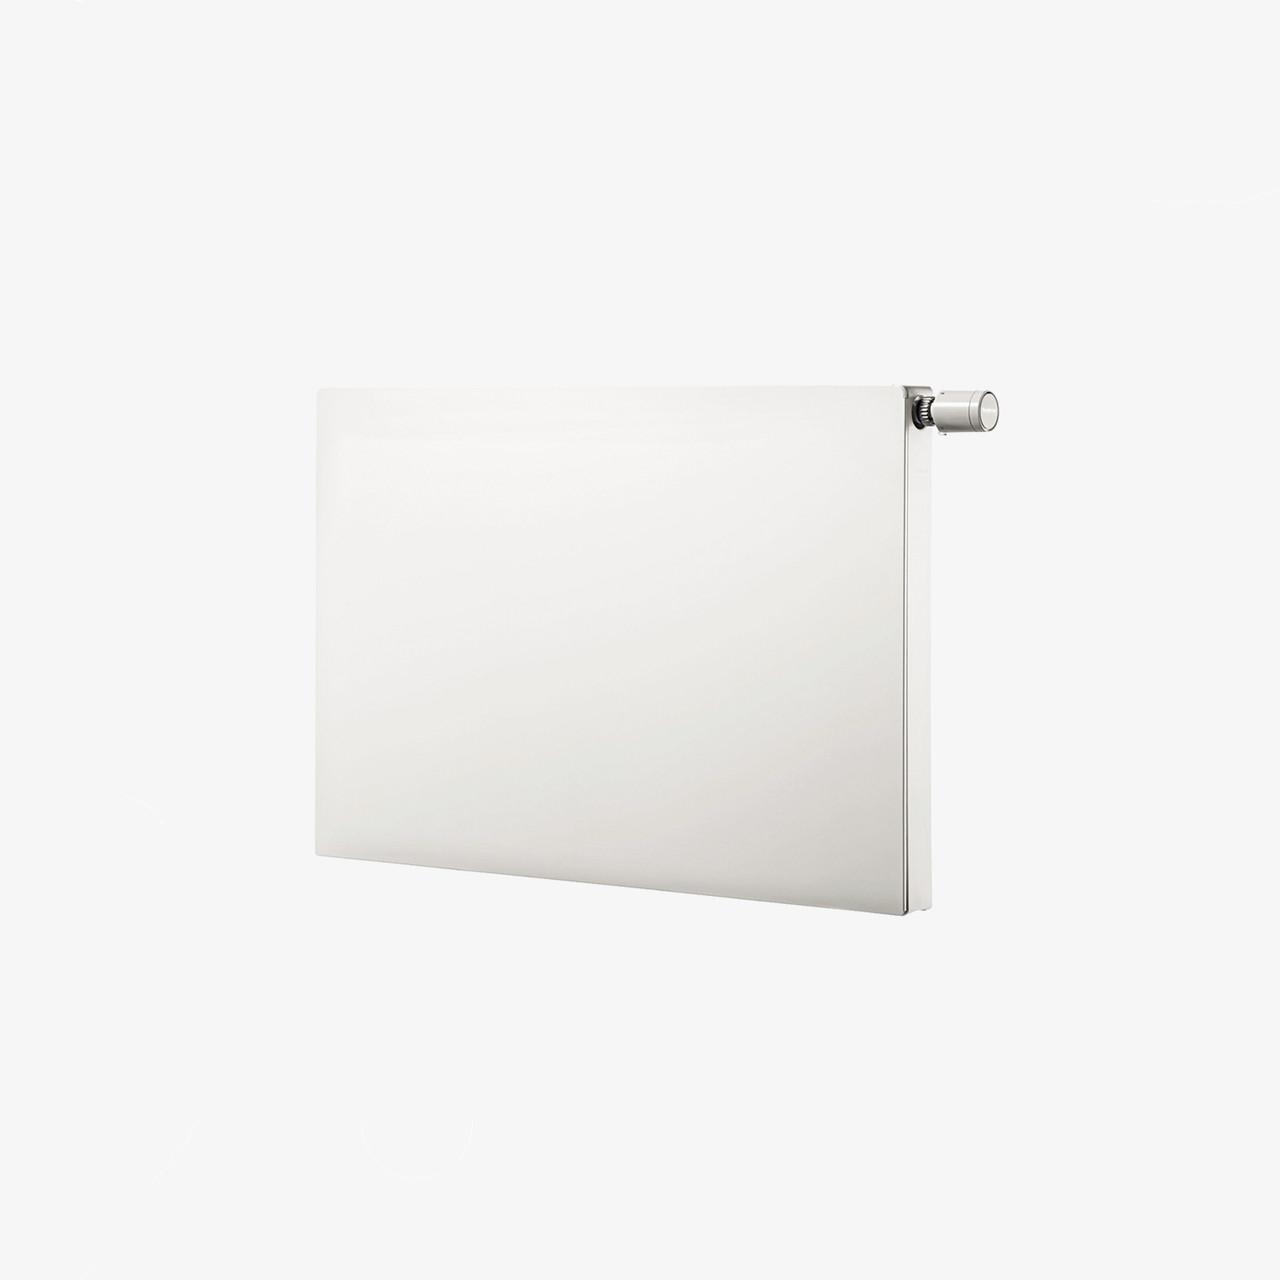 Стальные панельные радиаторы Logatrend - фото 3